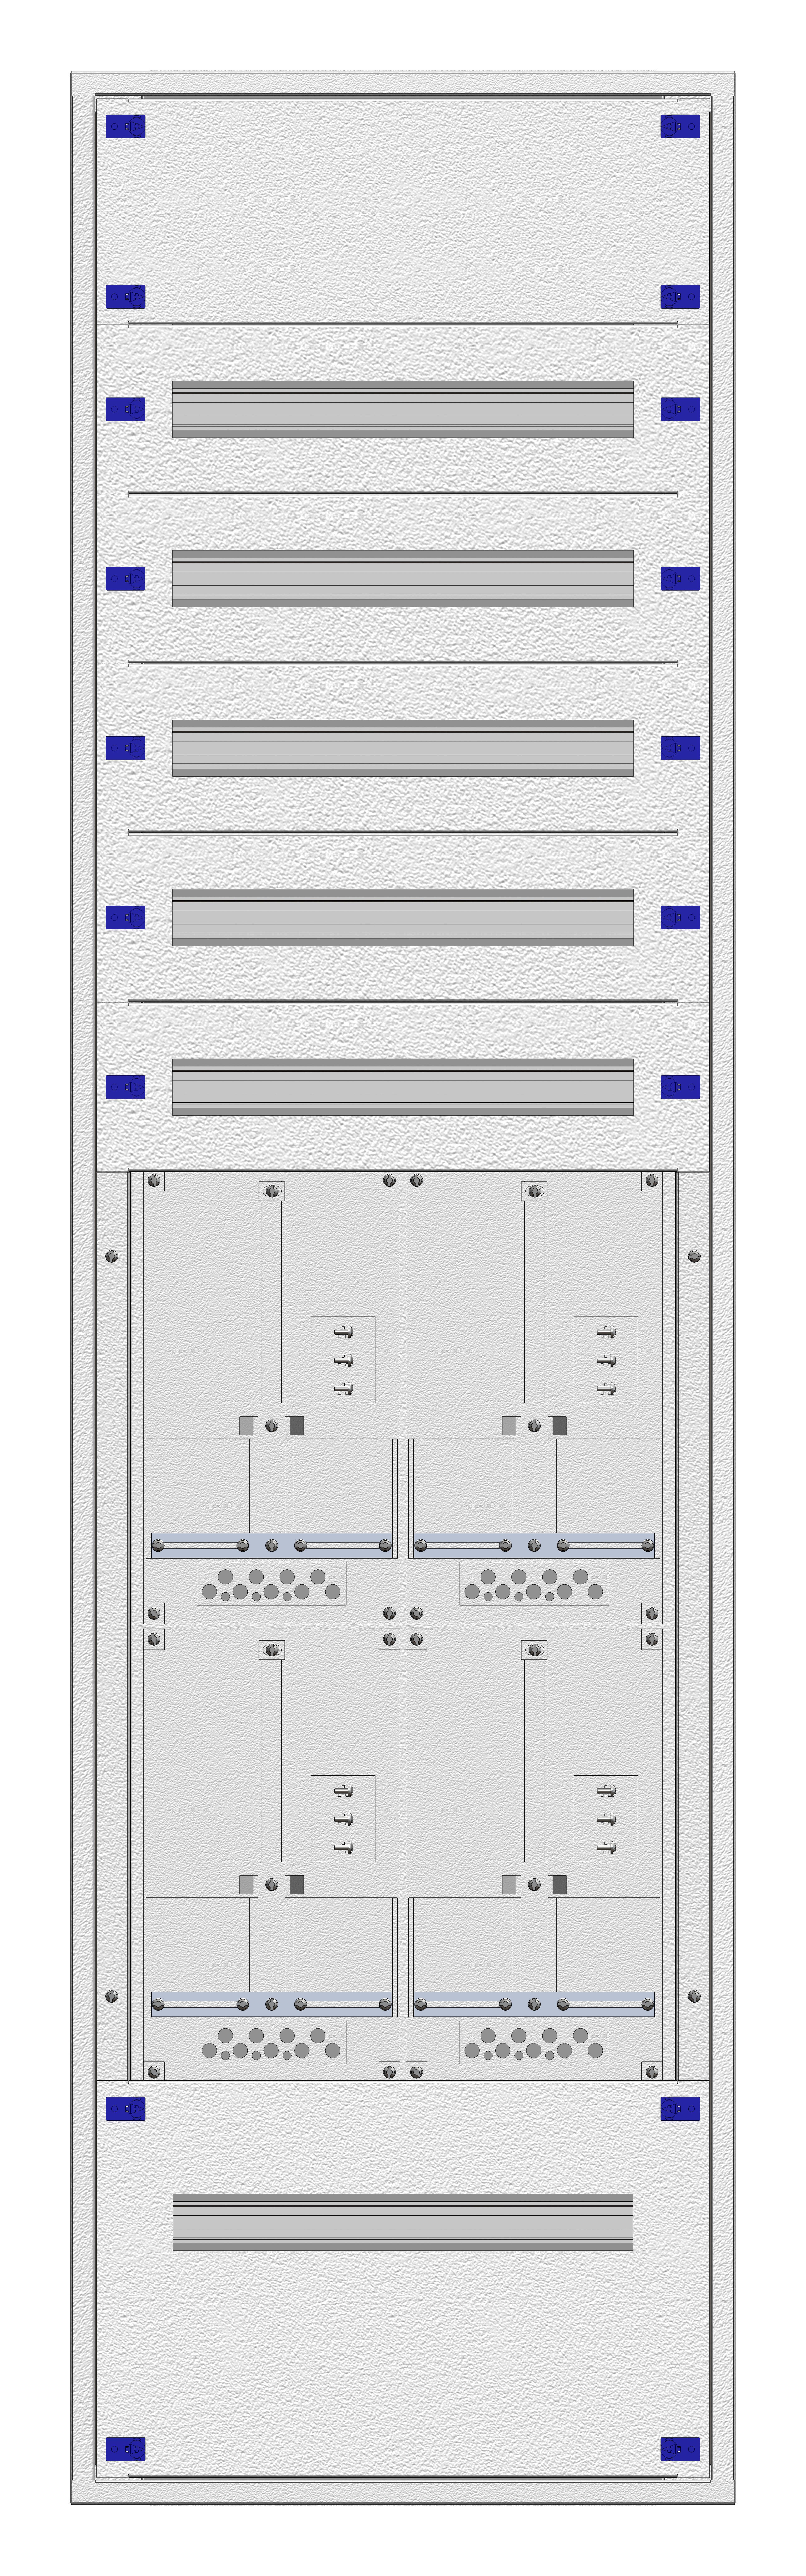 1 Stk Aufputz-Zählerverteiler 2A-42G/OOE 4ZP, H2025B590T250mm IL162242OS